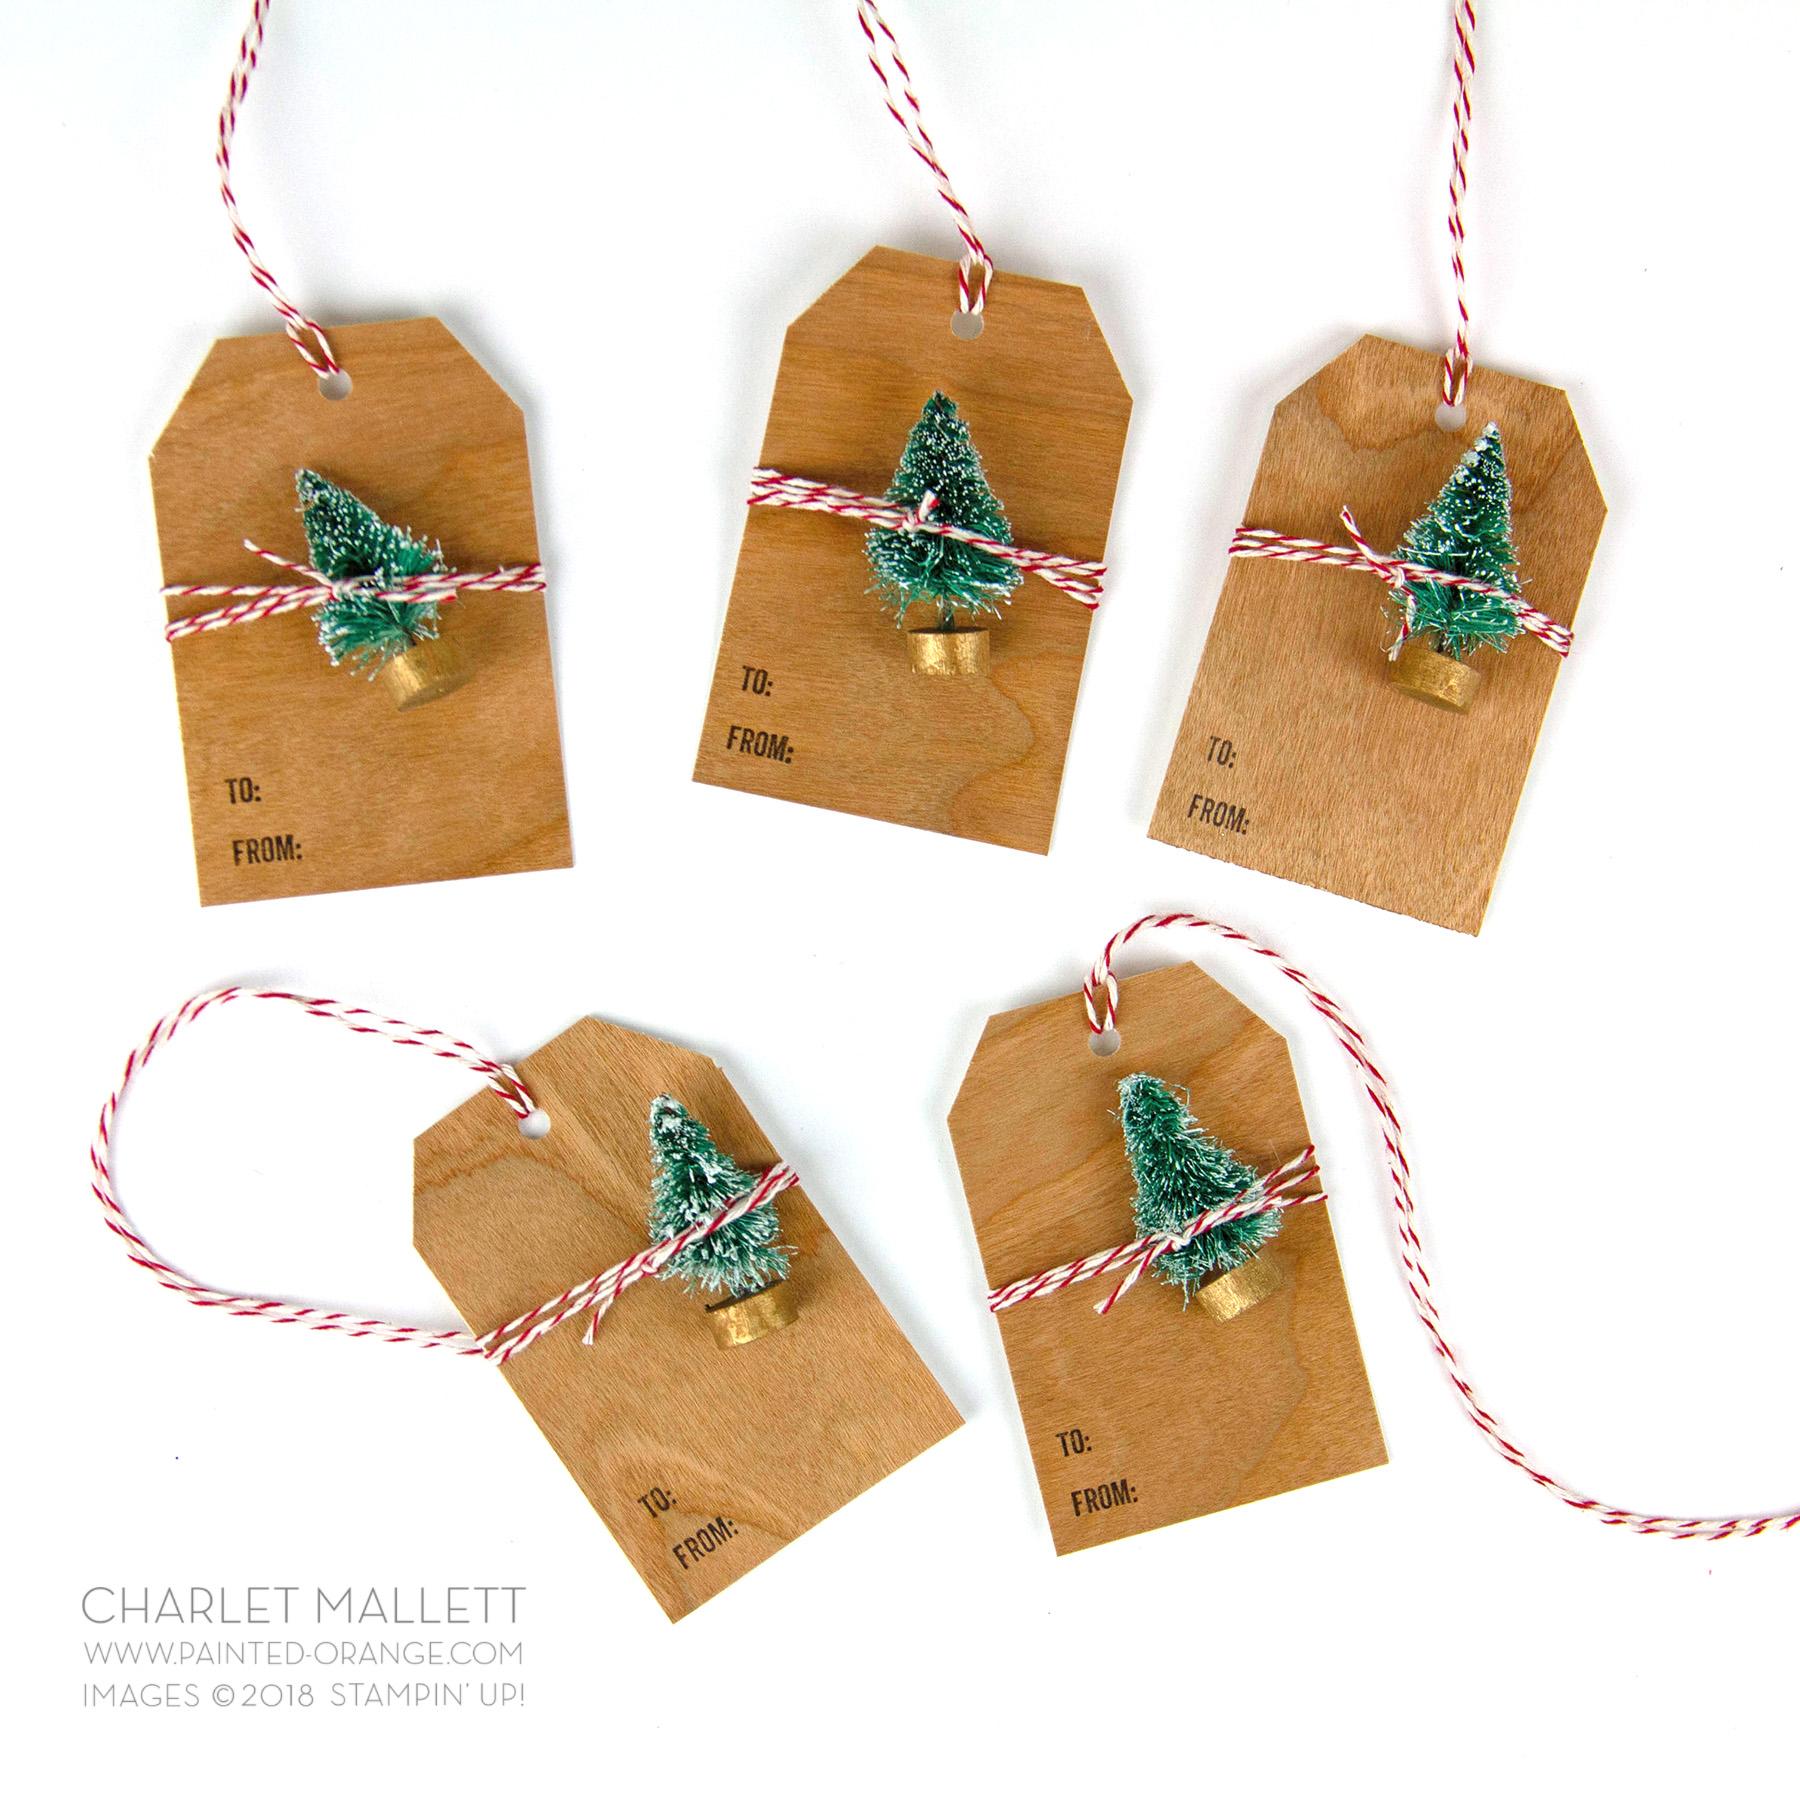 Wood Paper Bottle Brush Tree gift tags - Charlet Mallett